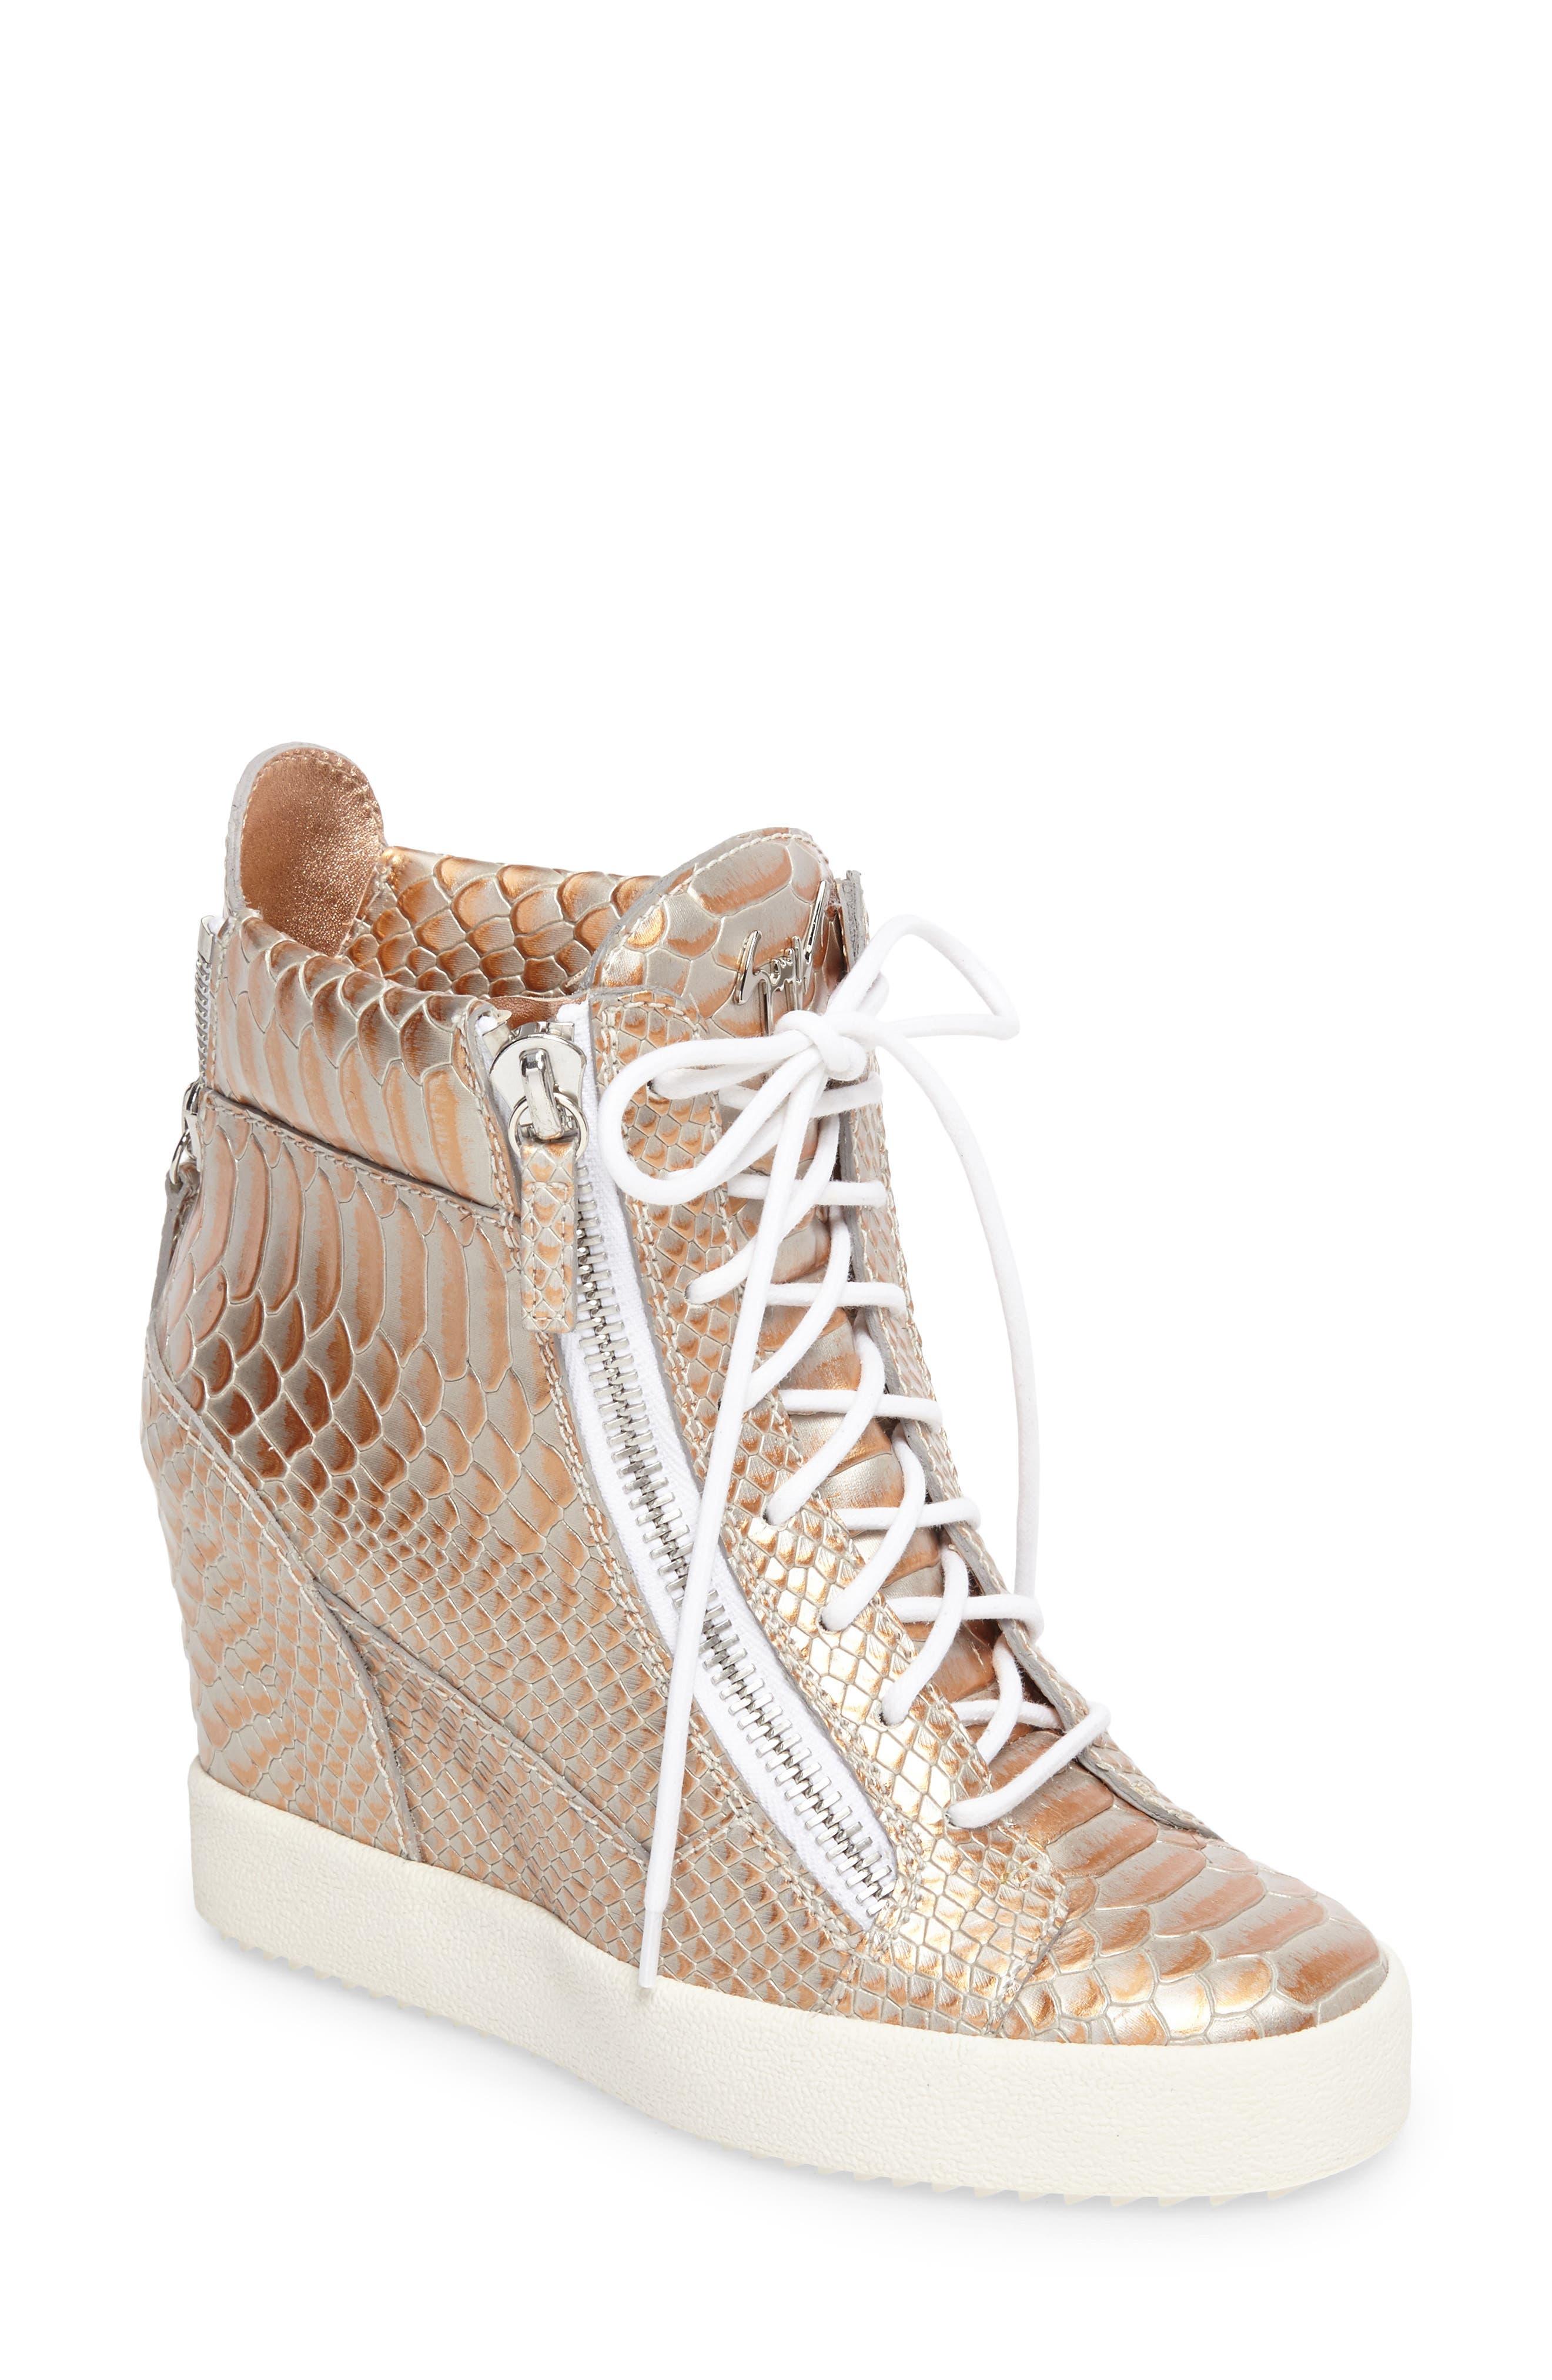 Lamay Lorenz High Top Wedge Sneaker,                             Main thumbnail 1, color,                             710